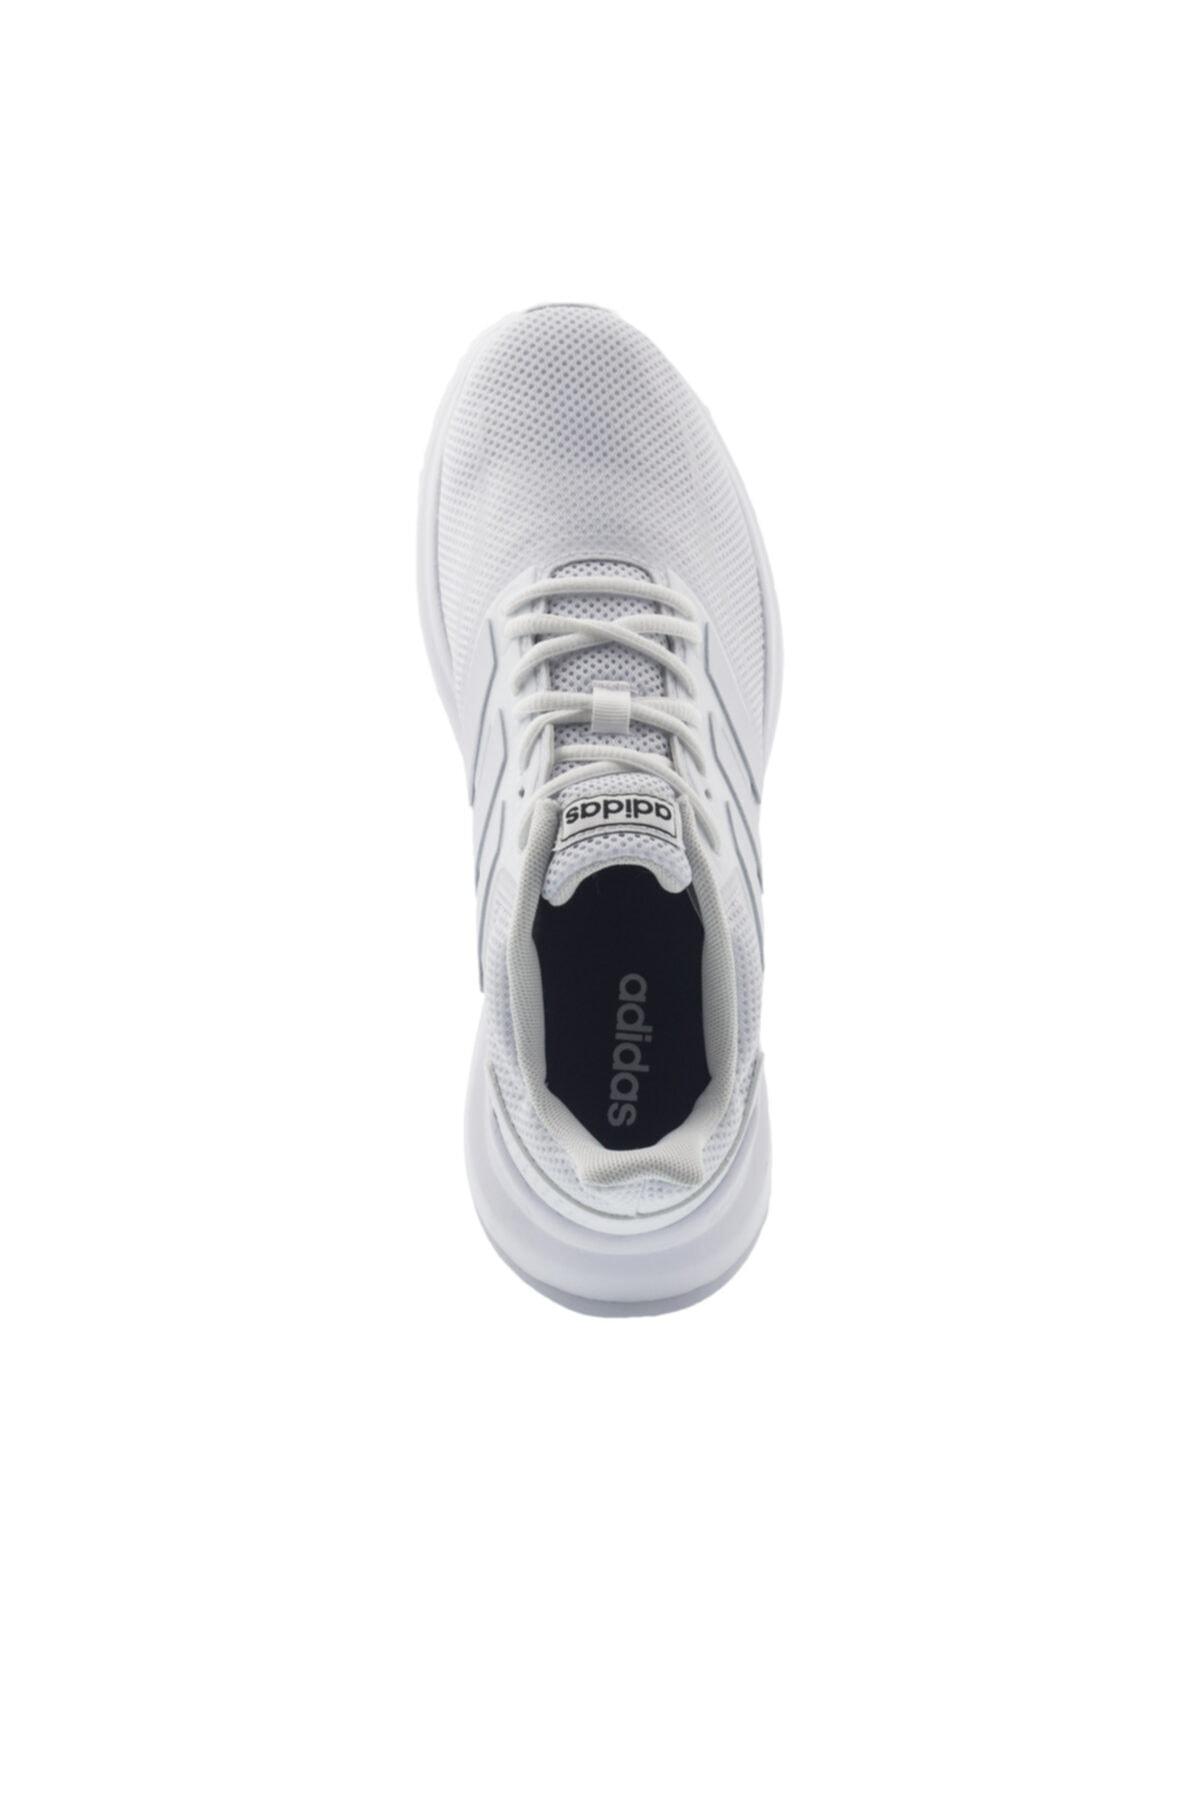 adidas G28971 Beyaz Erkek Koşu Ayakkabısı 100403396